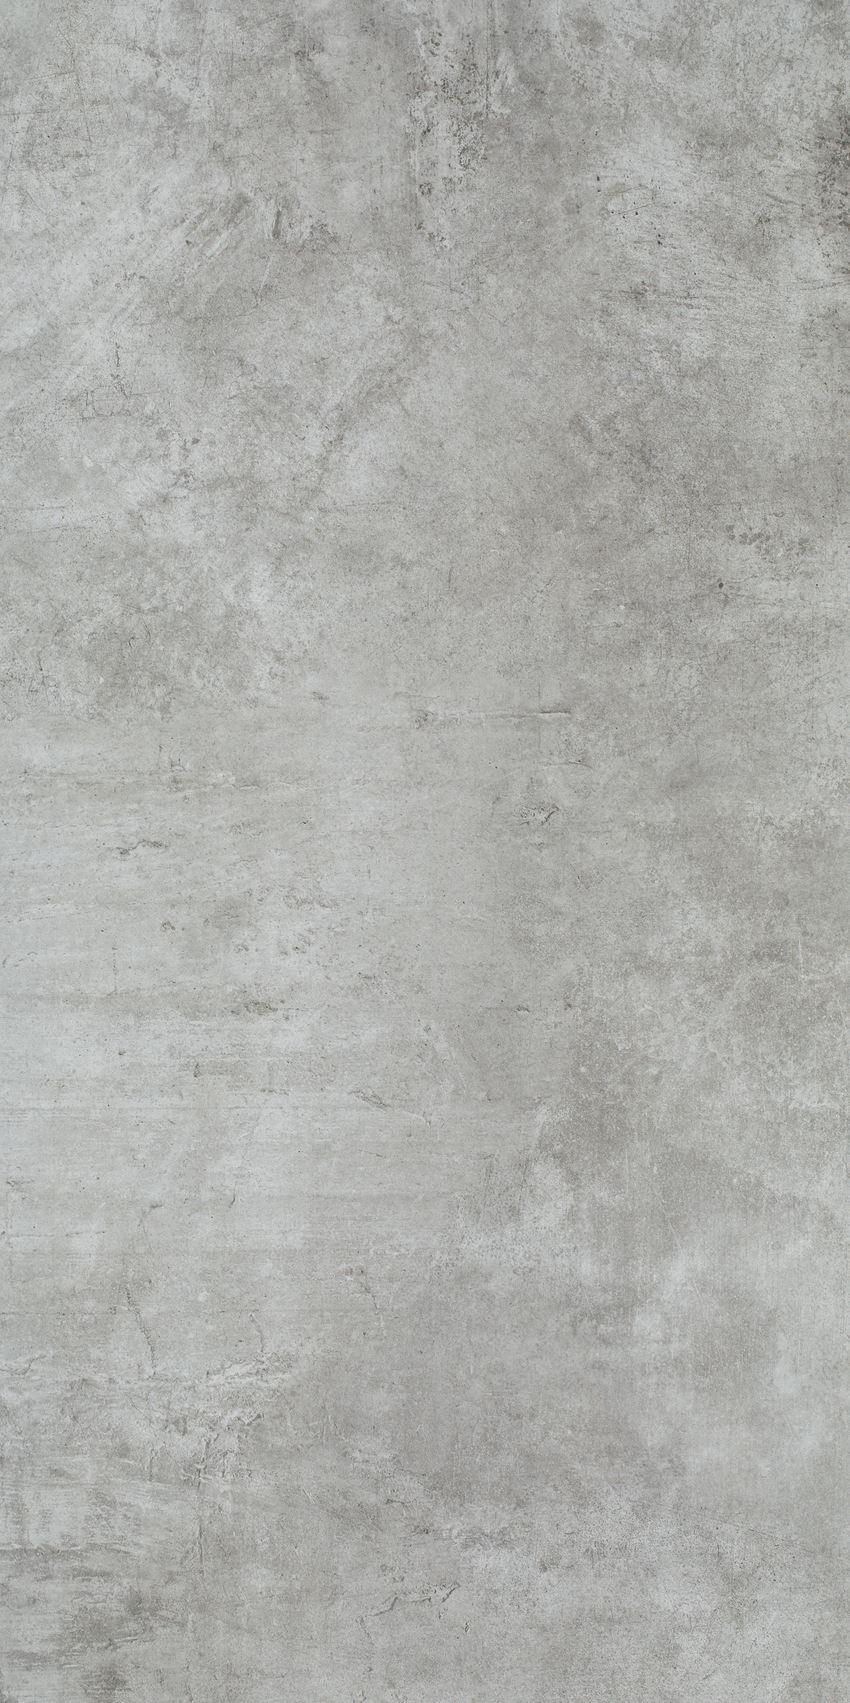 Płytka uniwersalna 59,8x119,8 cm Paradyż Scratch Grys Gres Szkl. Rekt. Półpoler